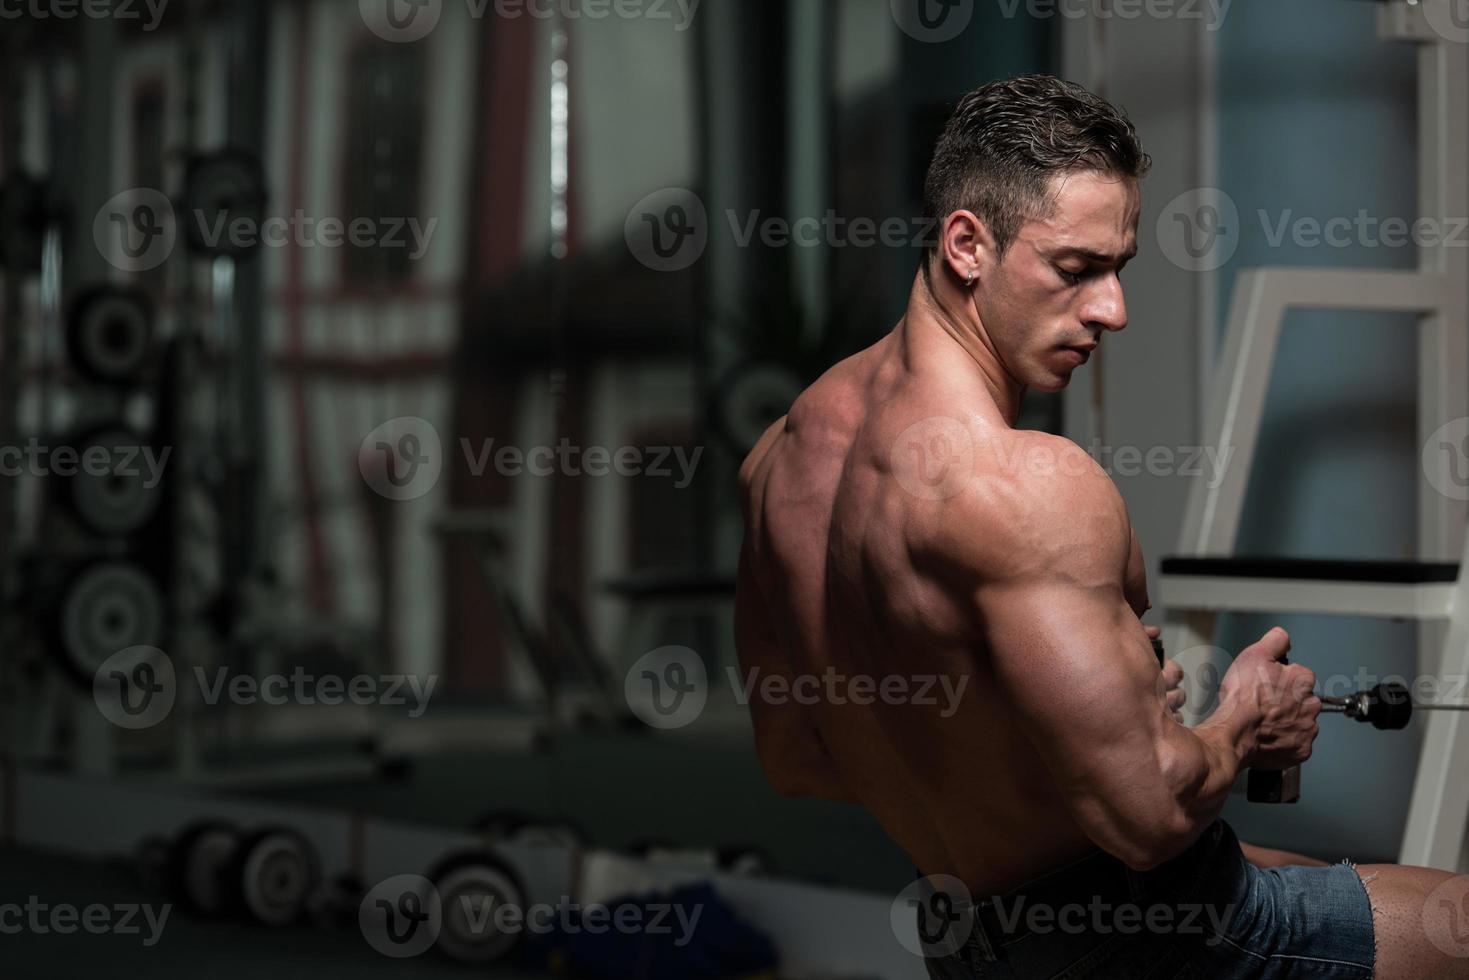 giovane maschio facendo esercizi di schiena in palestra foto